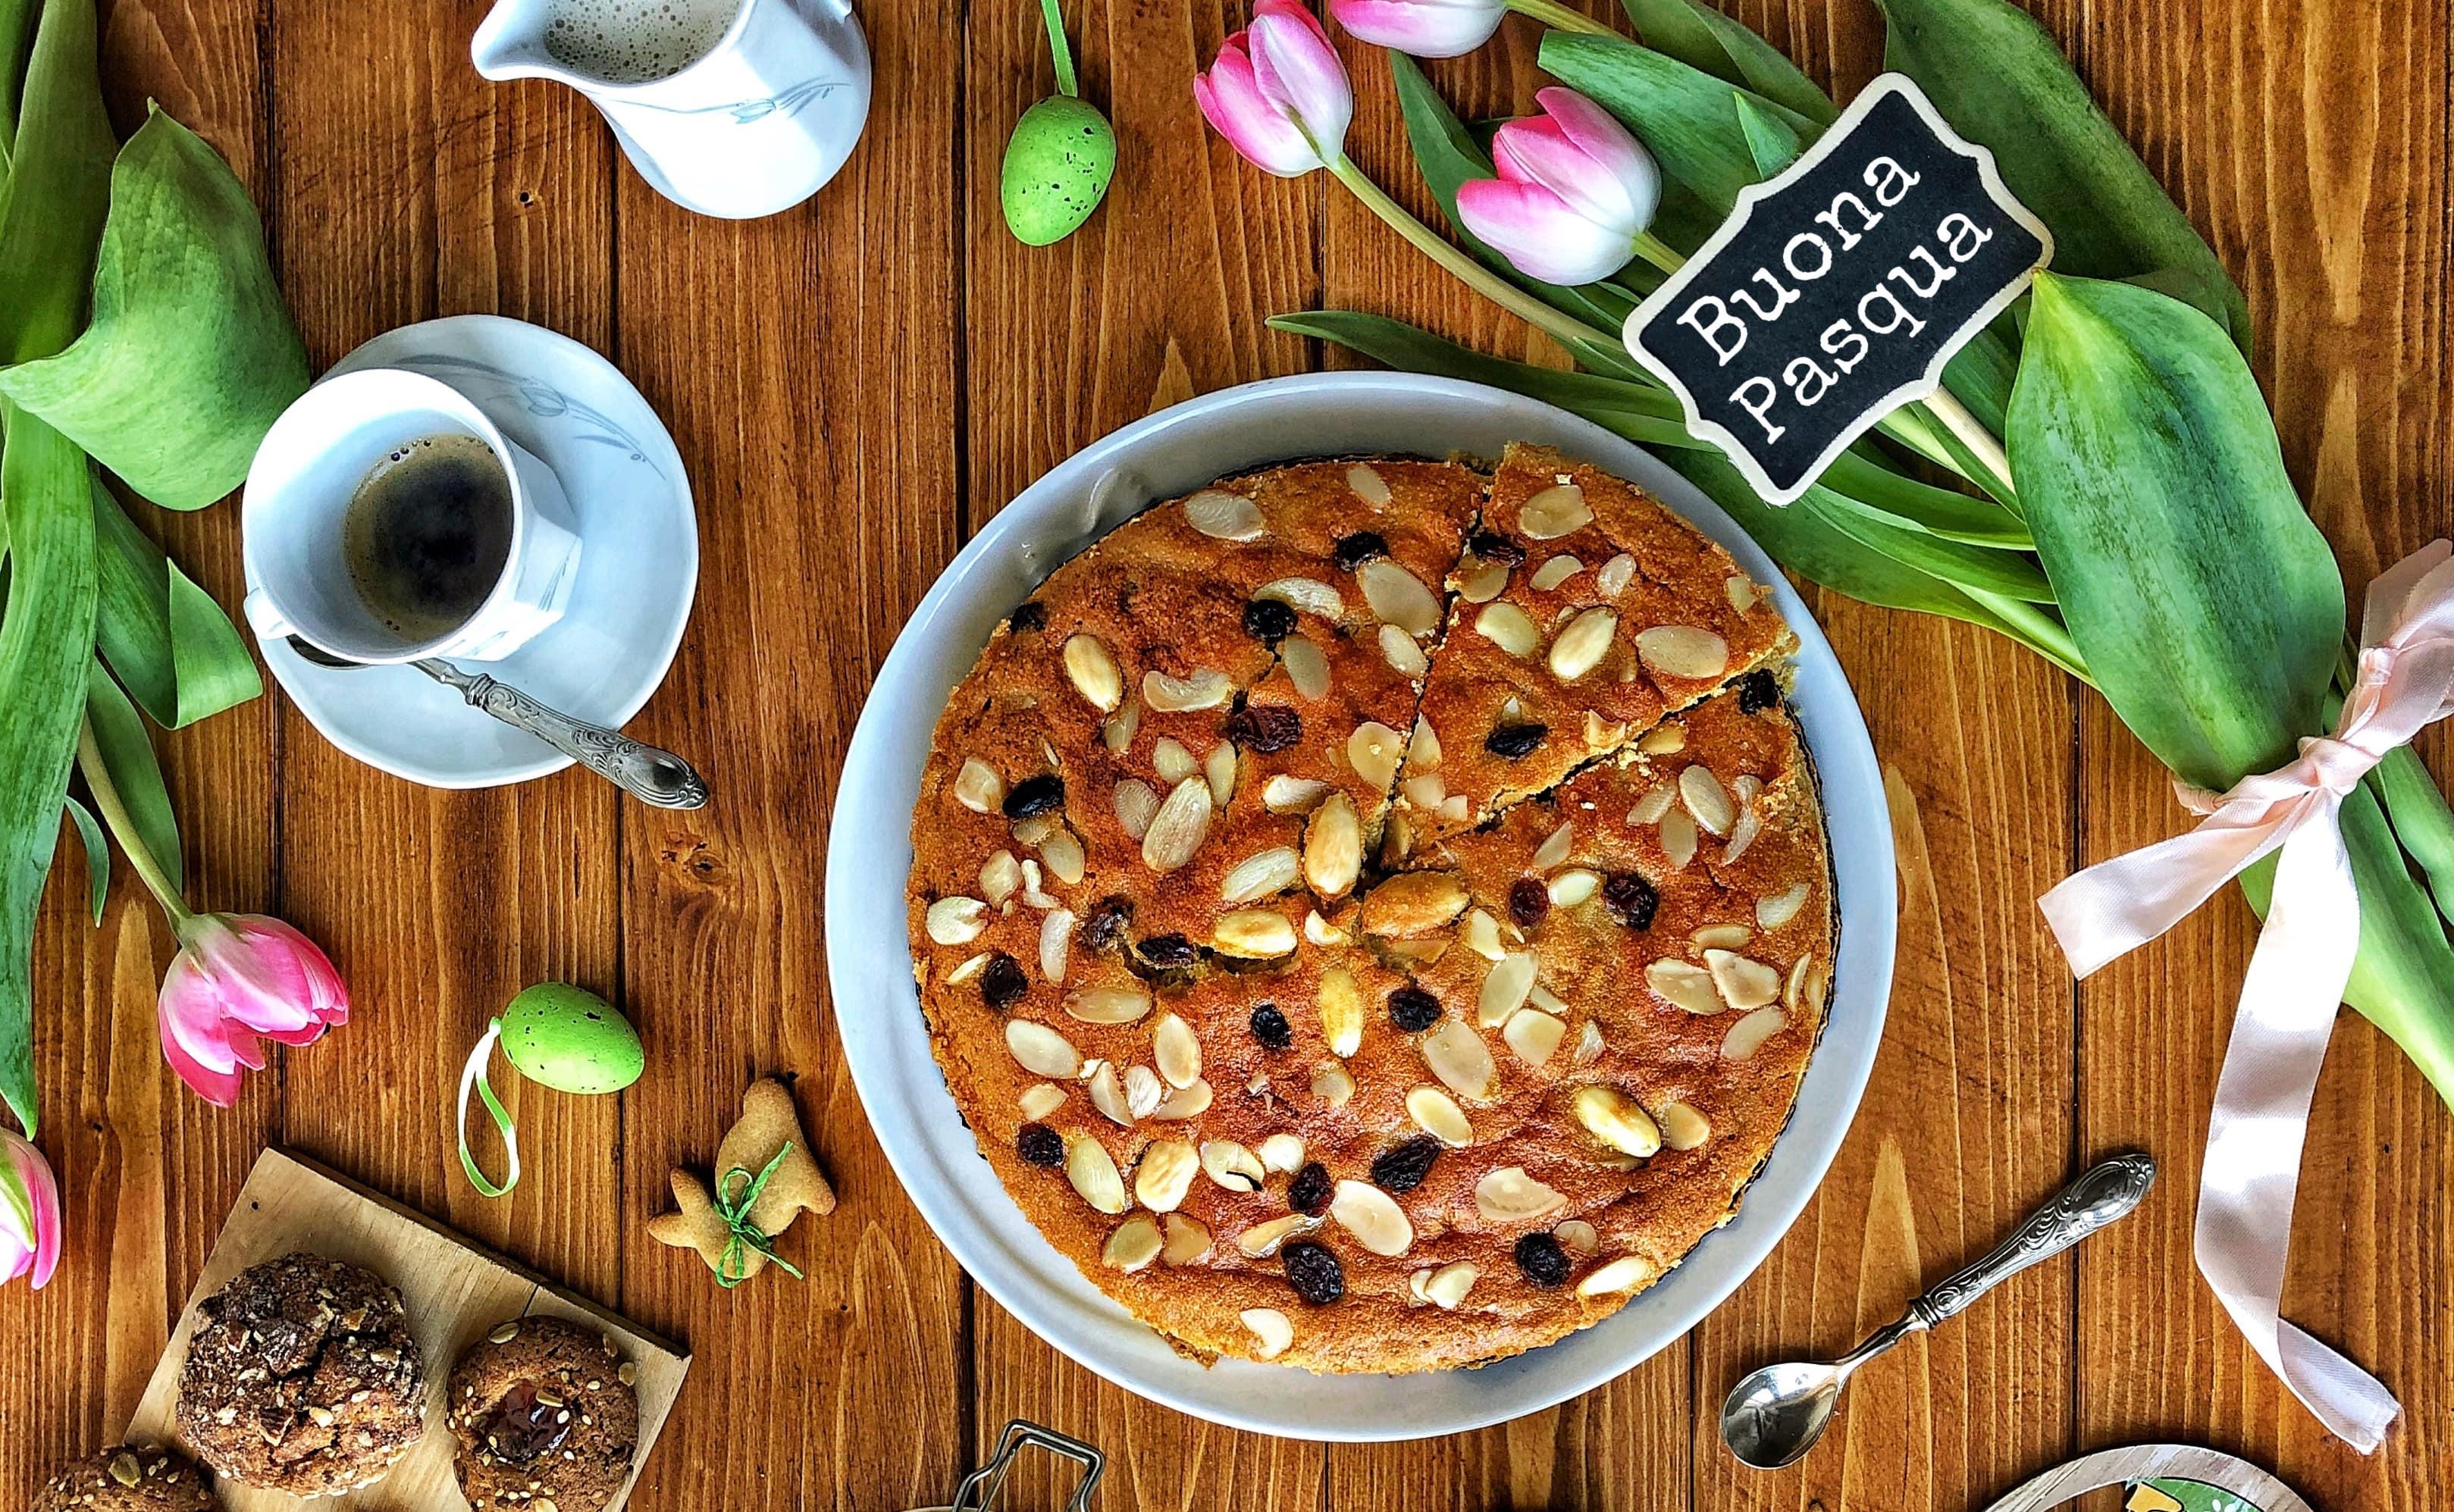 Ricette pasquali: la torta colomba di Pasqua integrale lighy